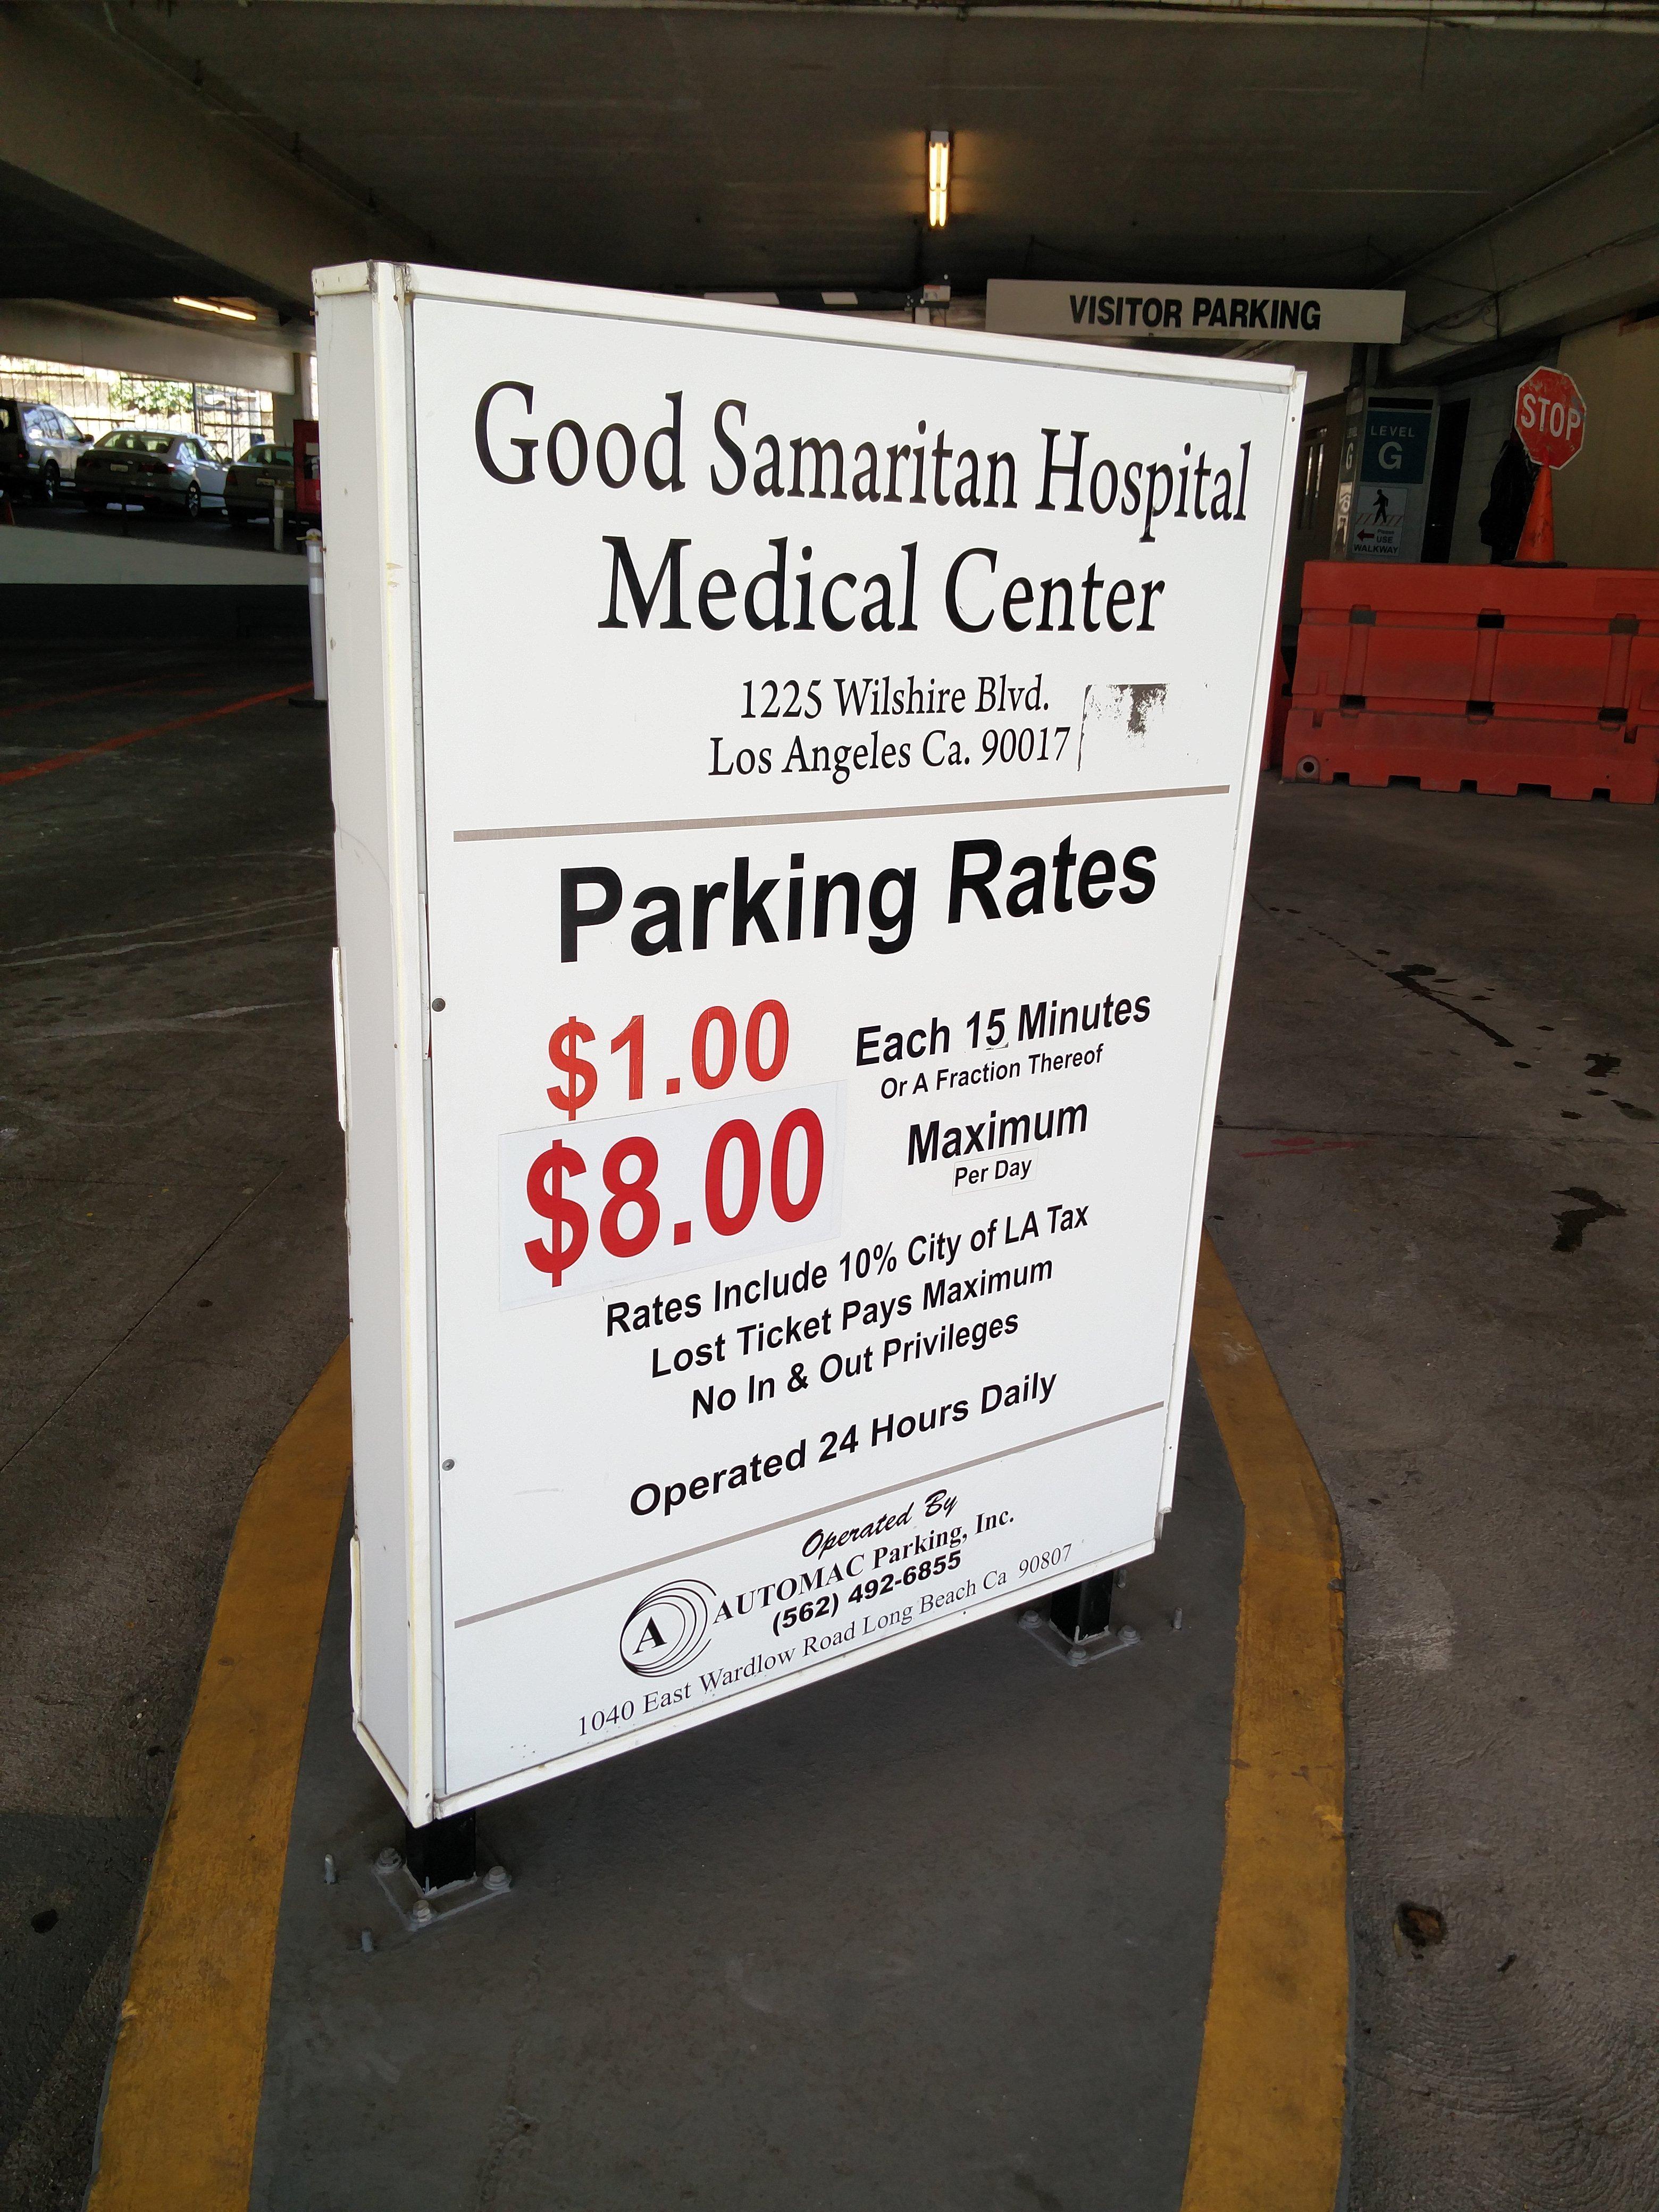 Good Samaritan Hospital Medical Center - Parking in Los